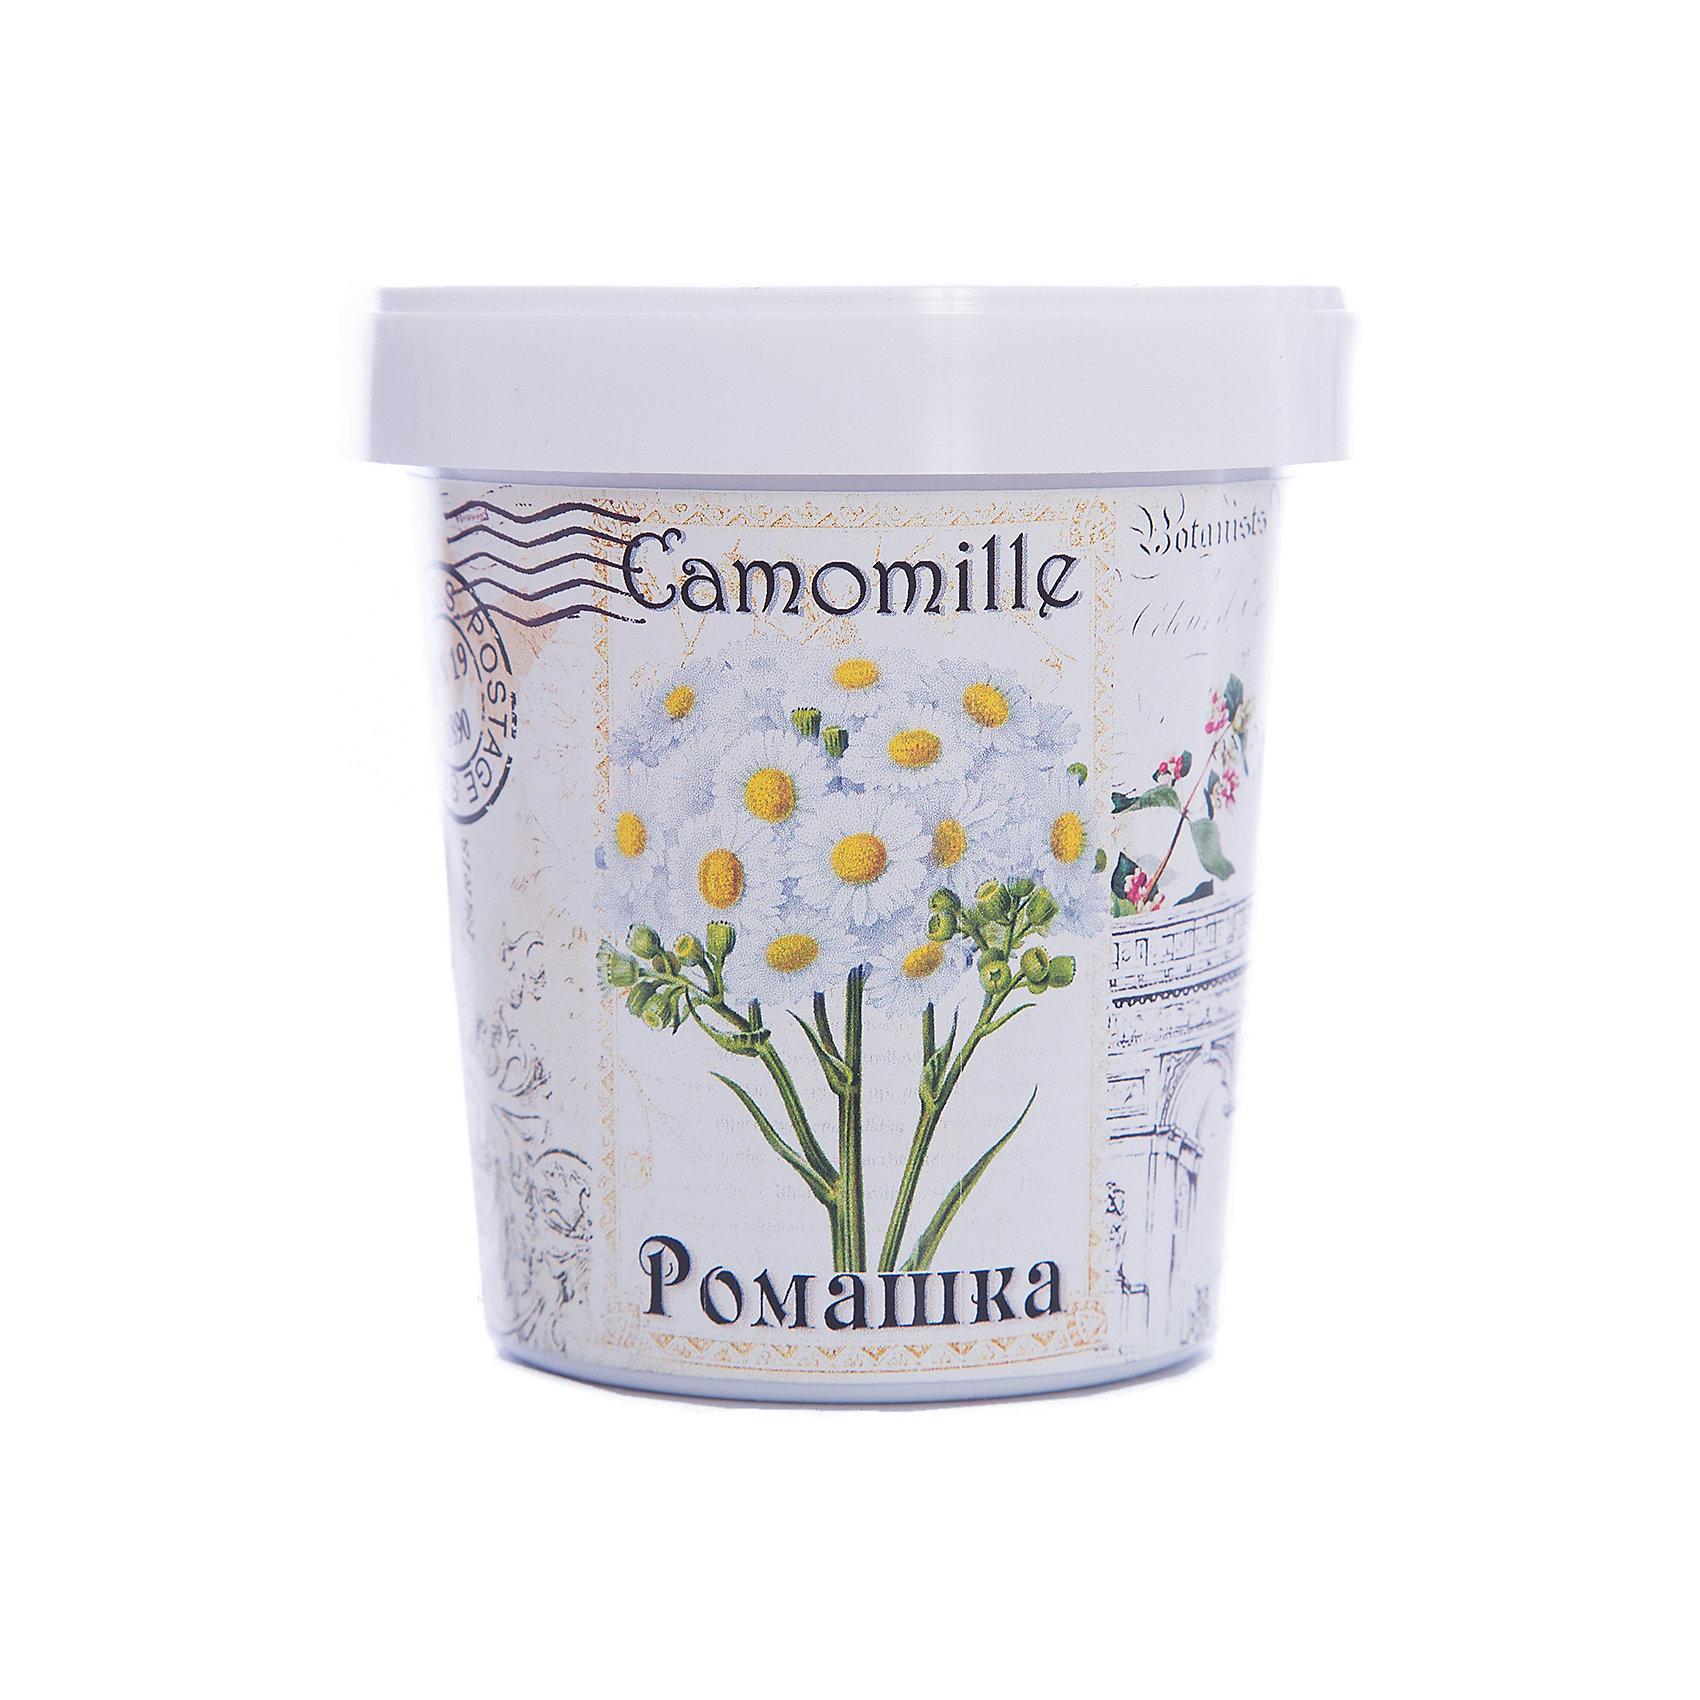 Набор для выращивания Ромашка Rostok VisaВыращивание растений<br>Ромашка, Rostok Visa<br><br>Характеристики:<br><br>• вы сможете выращивать растения у себя дома<br>• экологически чистая продукция<br>• не содержит химикаты<br>• отличная всхожесть<br>• приятный дизайн<br>• в комплекте: горшочек, пакет с семенами, грунт, инструкция<br>• размер упаковки: 7,5х7,5х12 см<br>• вес: 275 грамм<br><br>Если вы хотите продлить дачный сезон, то набор Ромашка отлично подойдет вам! С его помощью вы сможете вырастить ромашку в домашних условиях. Продукция качественная и экологически чистая, что гарантирует высокую всхожесть. Подробная инструкция расскажет как правильно ухаживать за растением. Прекрасный подарок любителям садоводства!<br><br>Набор Ромашка, Rostok Visa можно купить в нашем интернет-магазине.<br><br>Ширина мм: 120<br>Глубина мм: 75<br>Высота мм: 75<br>Вес г: 267<br>Возраст от месяцев: 168<br>Возраст до месяцев: 240<br>Пол: Унисекс<br>Возраст: Детский<br>SKU: 5053986